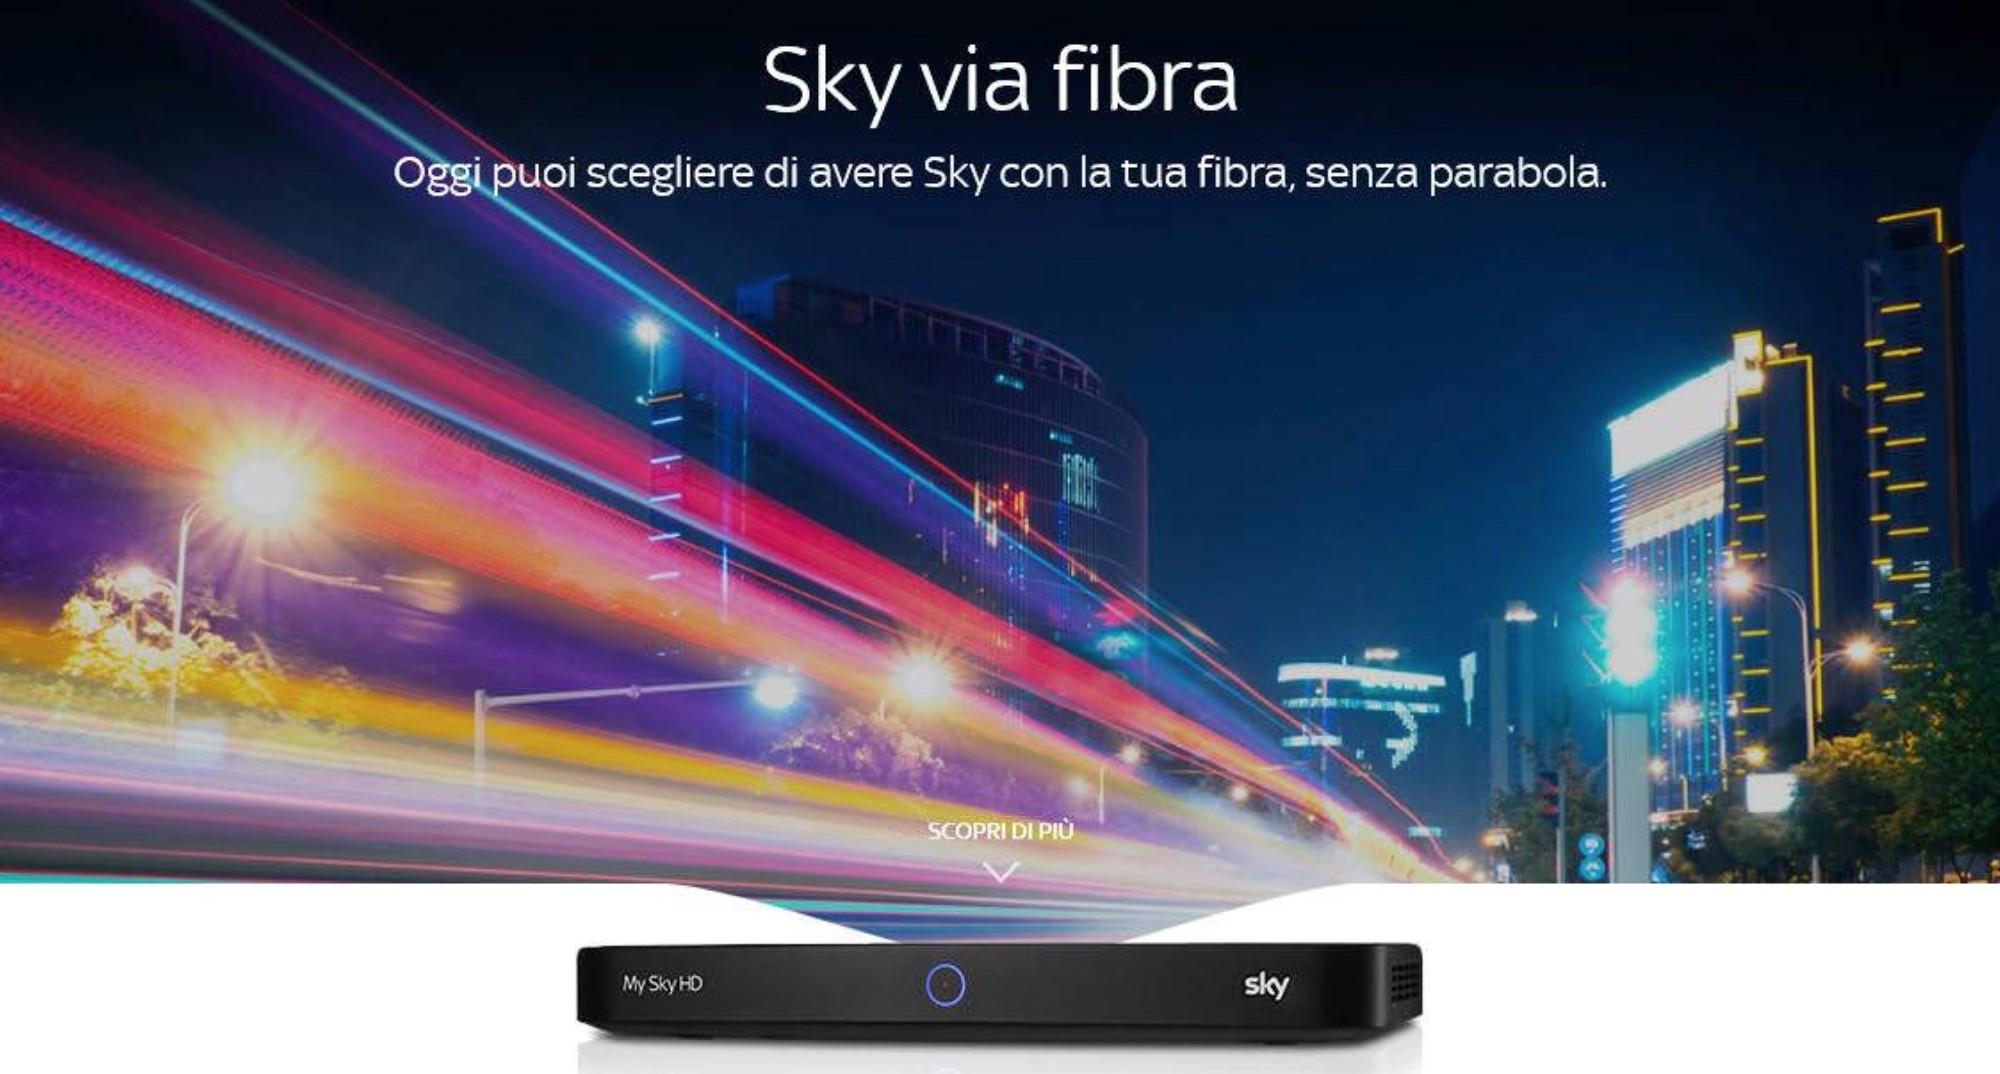 Sky, al via rivoluzione con offerte tele